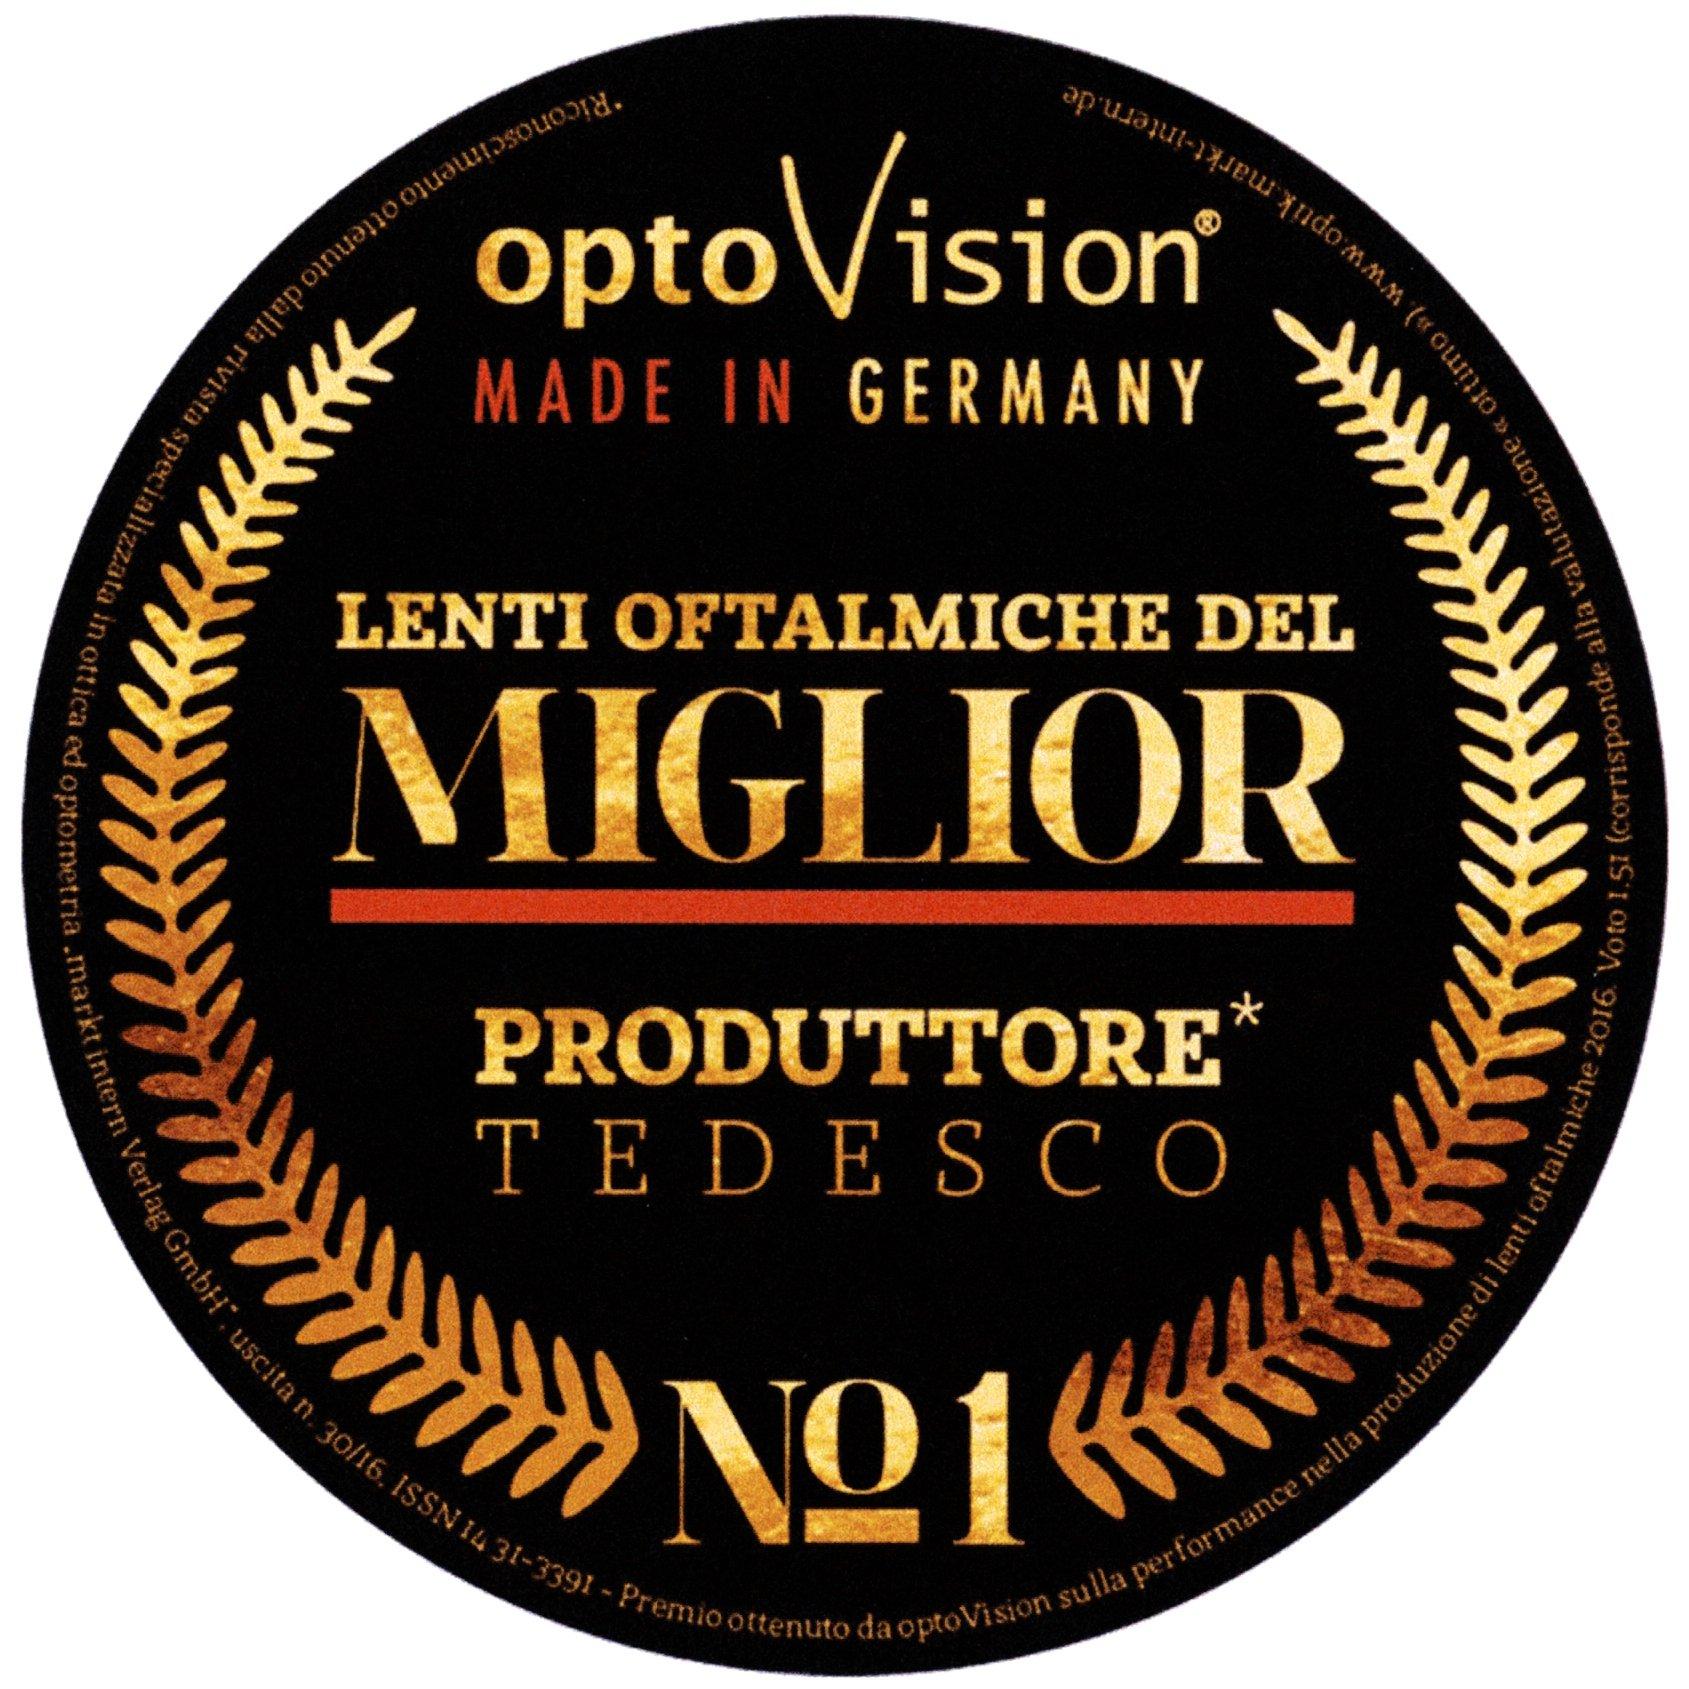 OptoVision miglior produttore tedesco di lenti oftalmiche